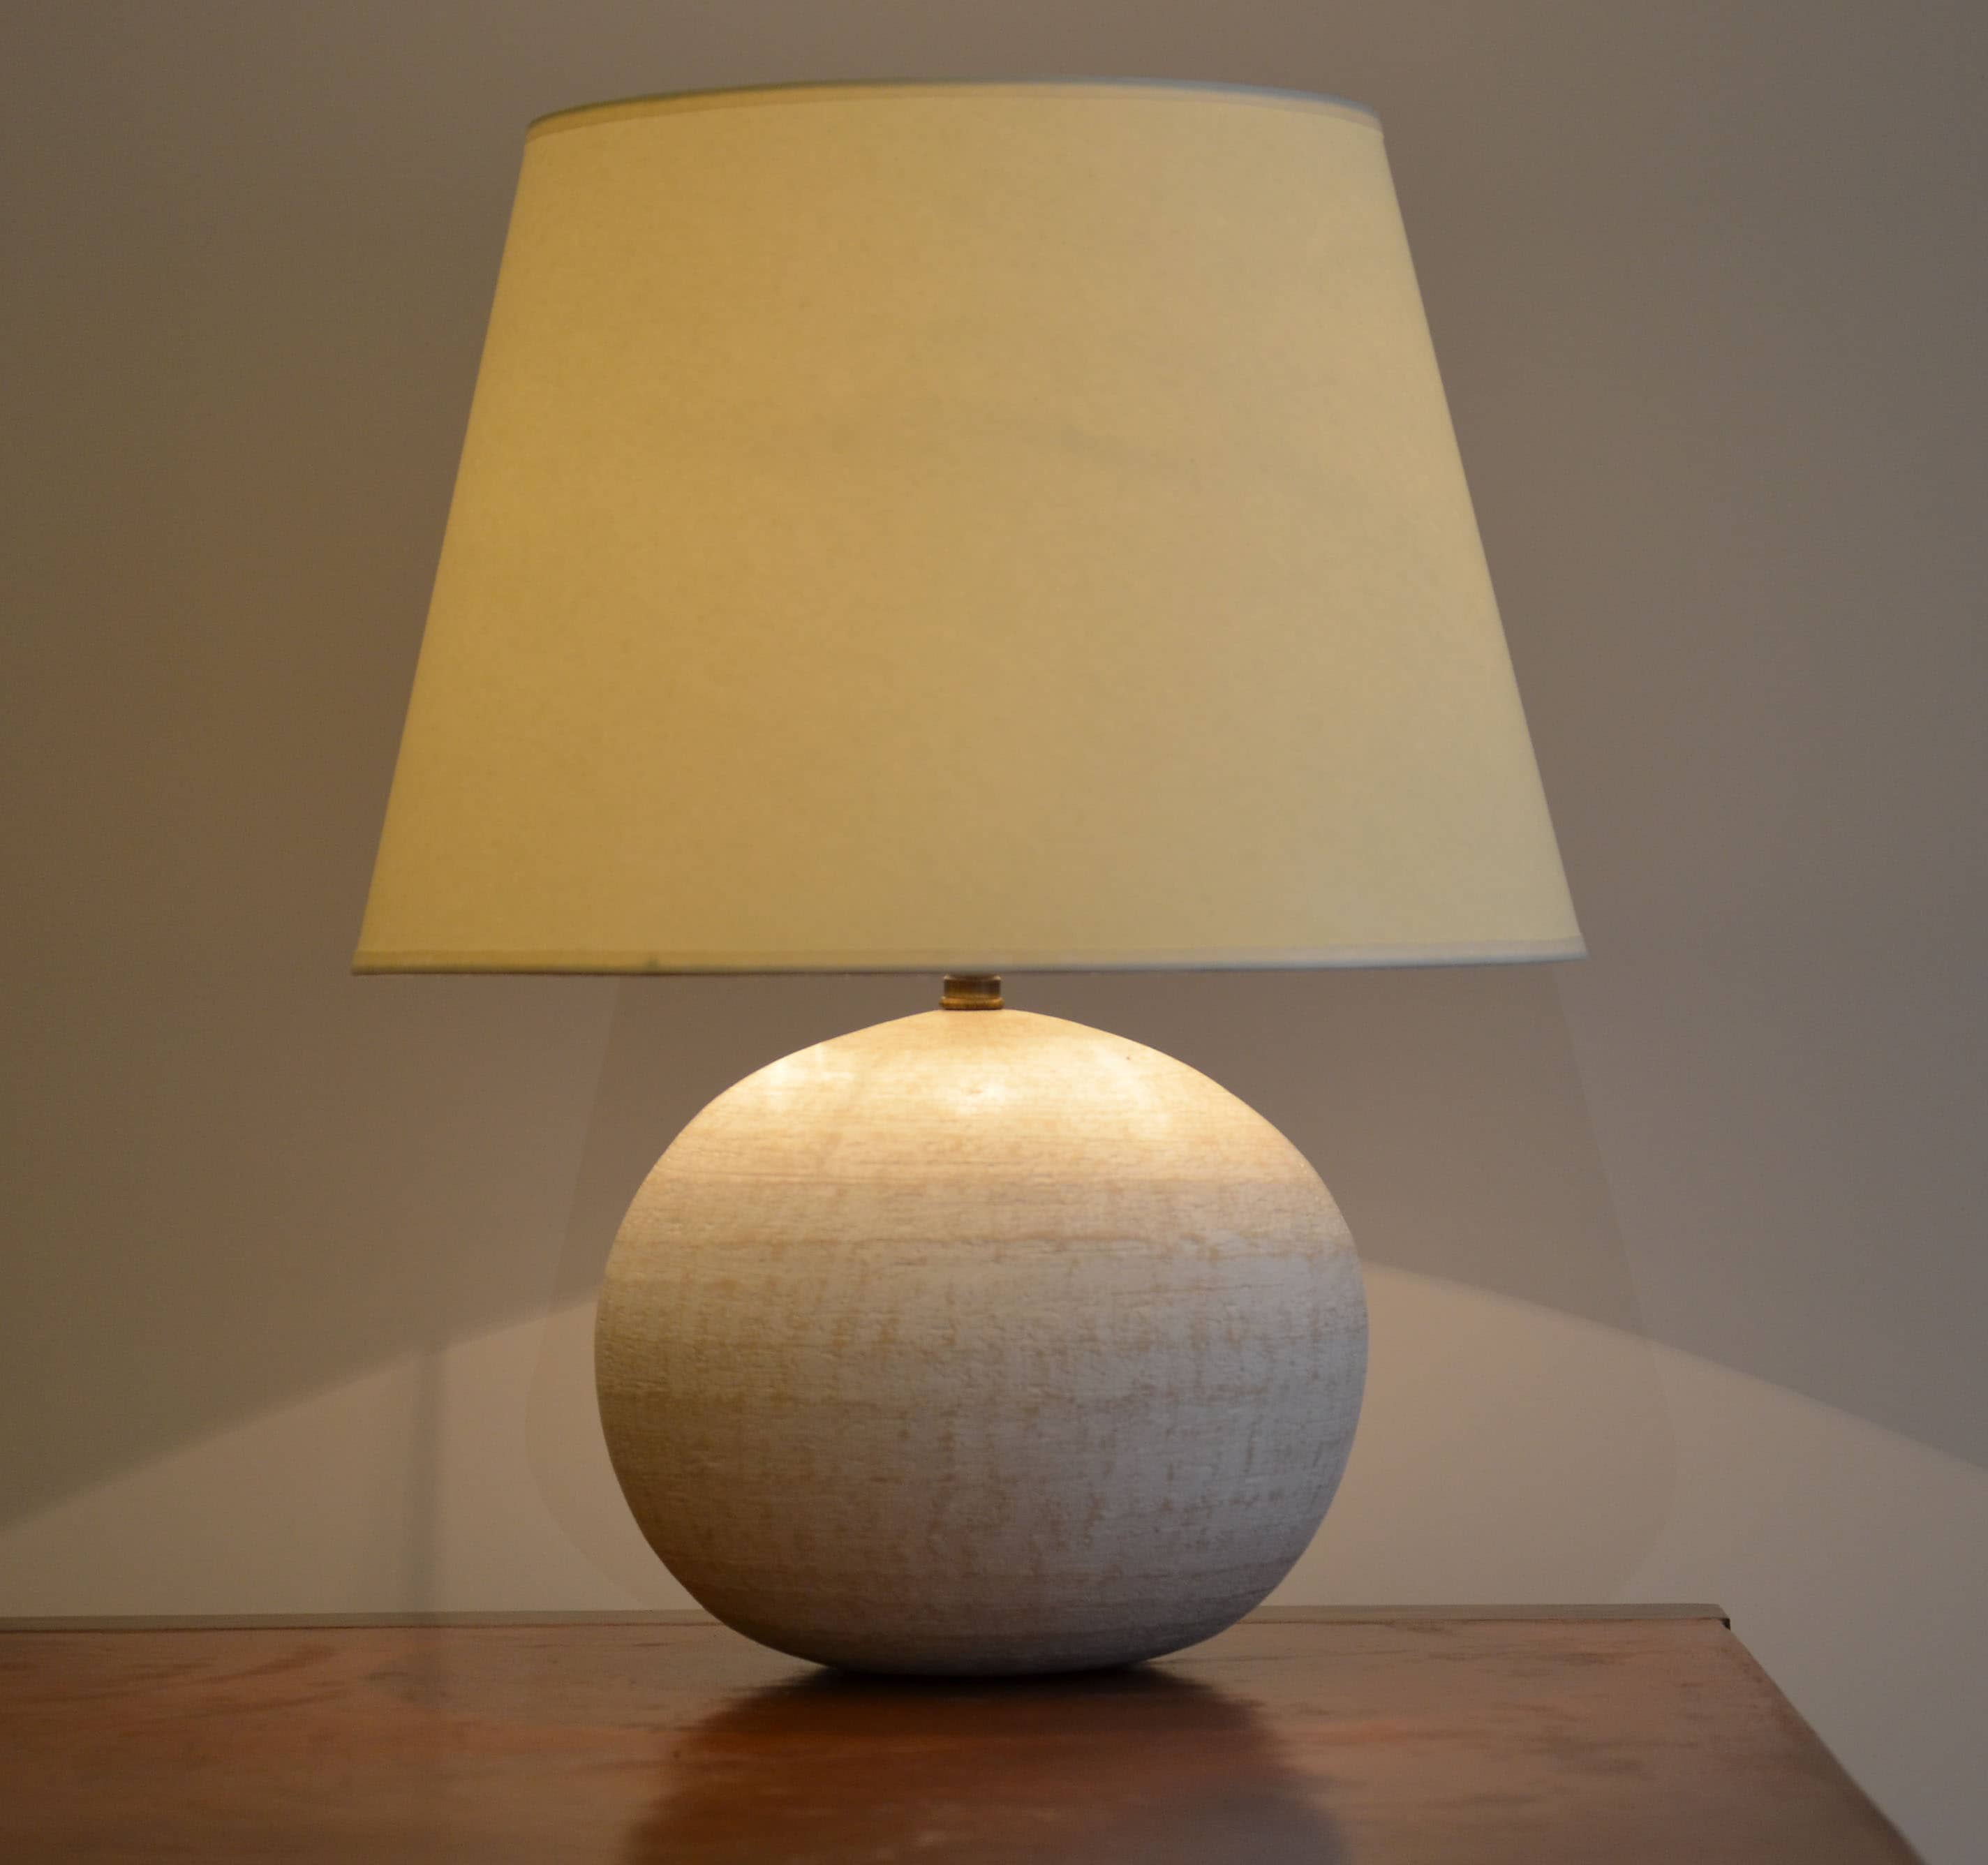 Lampe boule aplatie en terre cuite recouverte de plâtre.